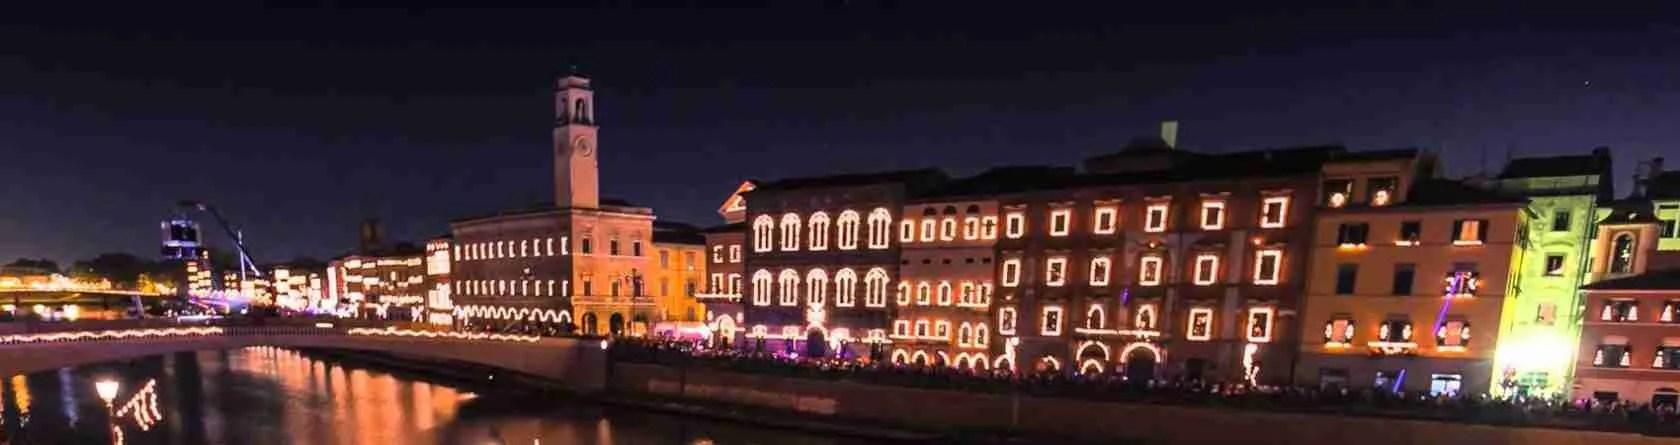 Le escort Pisa gradiscono partecipare alla Luminaria di Pisa in tua compagnia, evento che si tiene ogni anno a Pisa nel mese di Giugno.